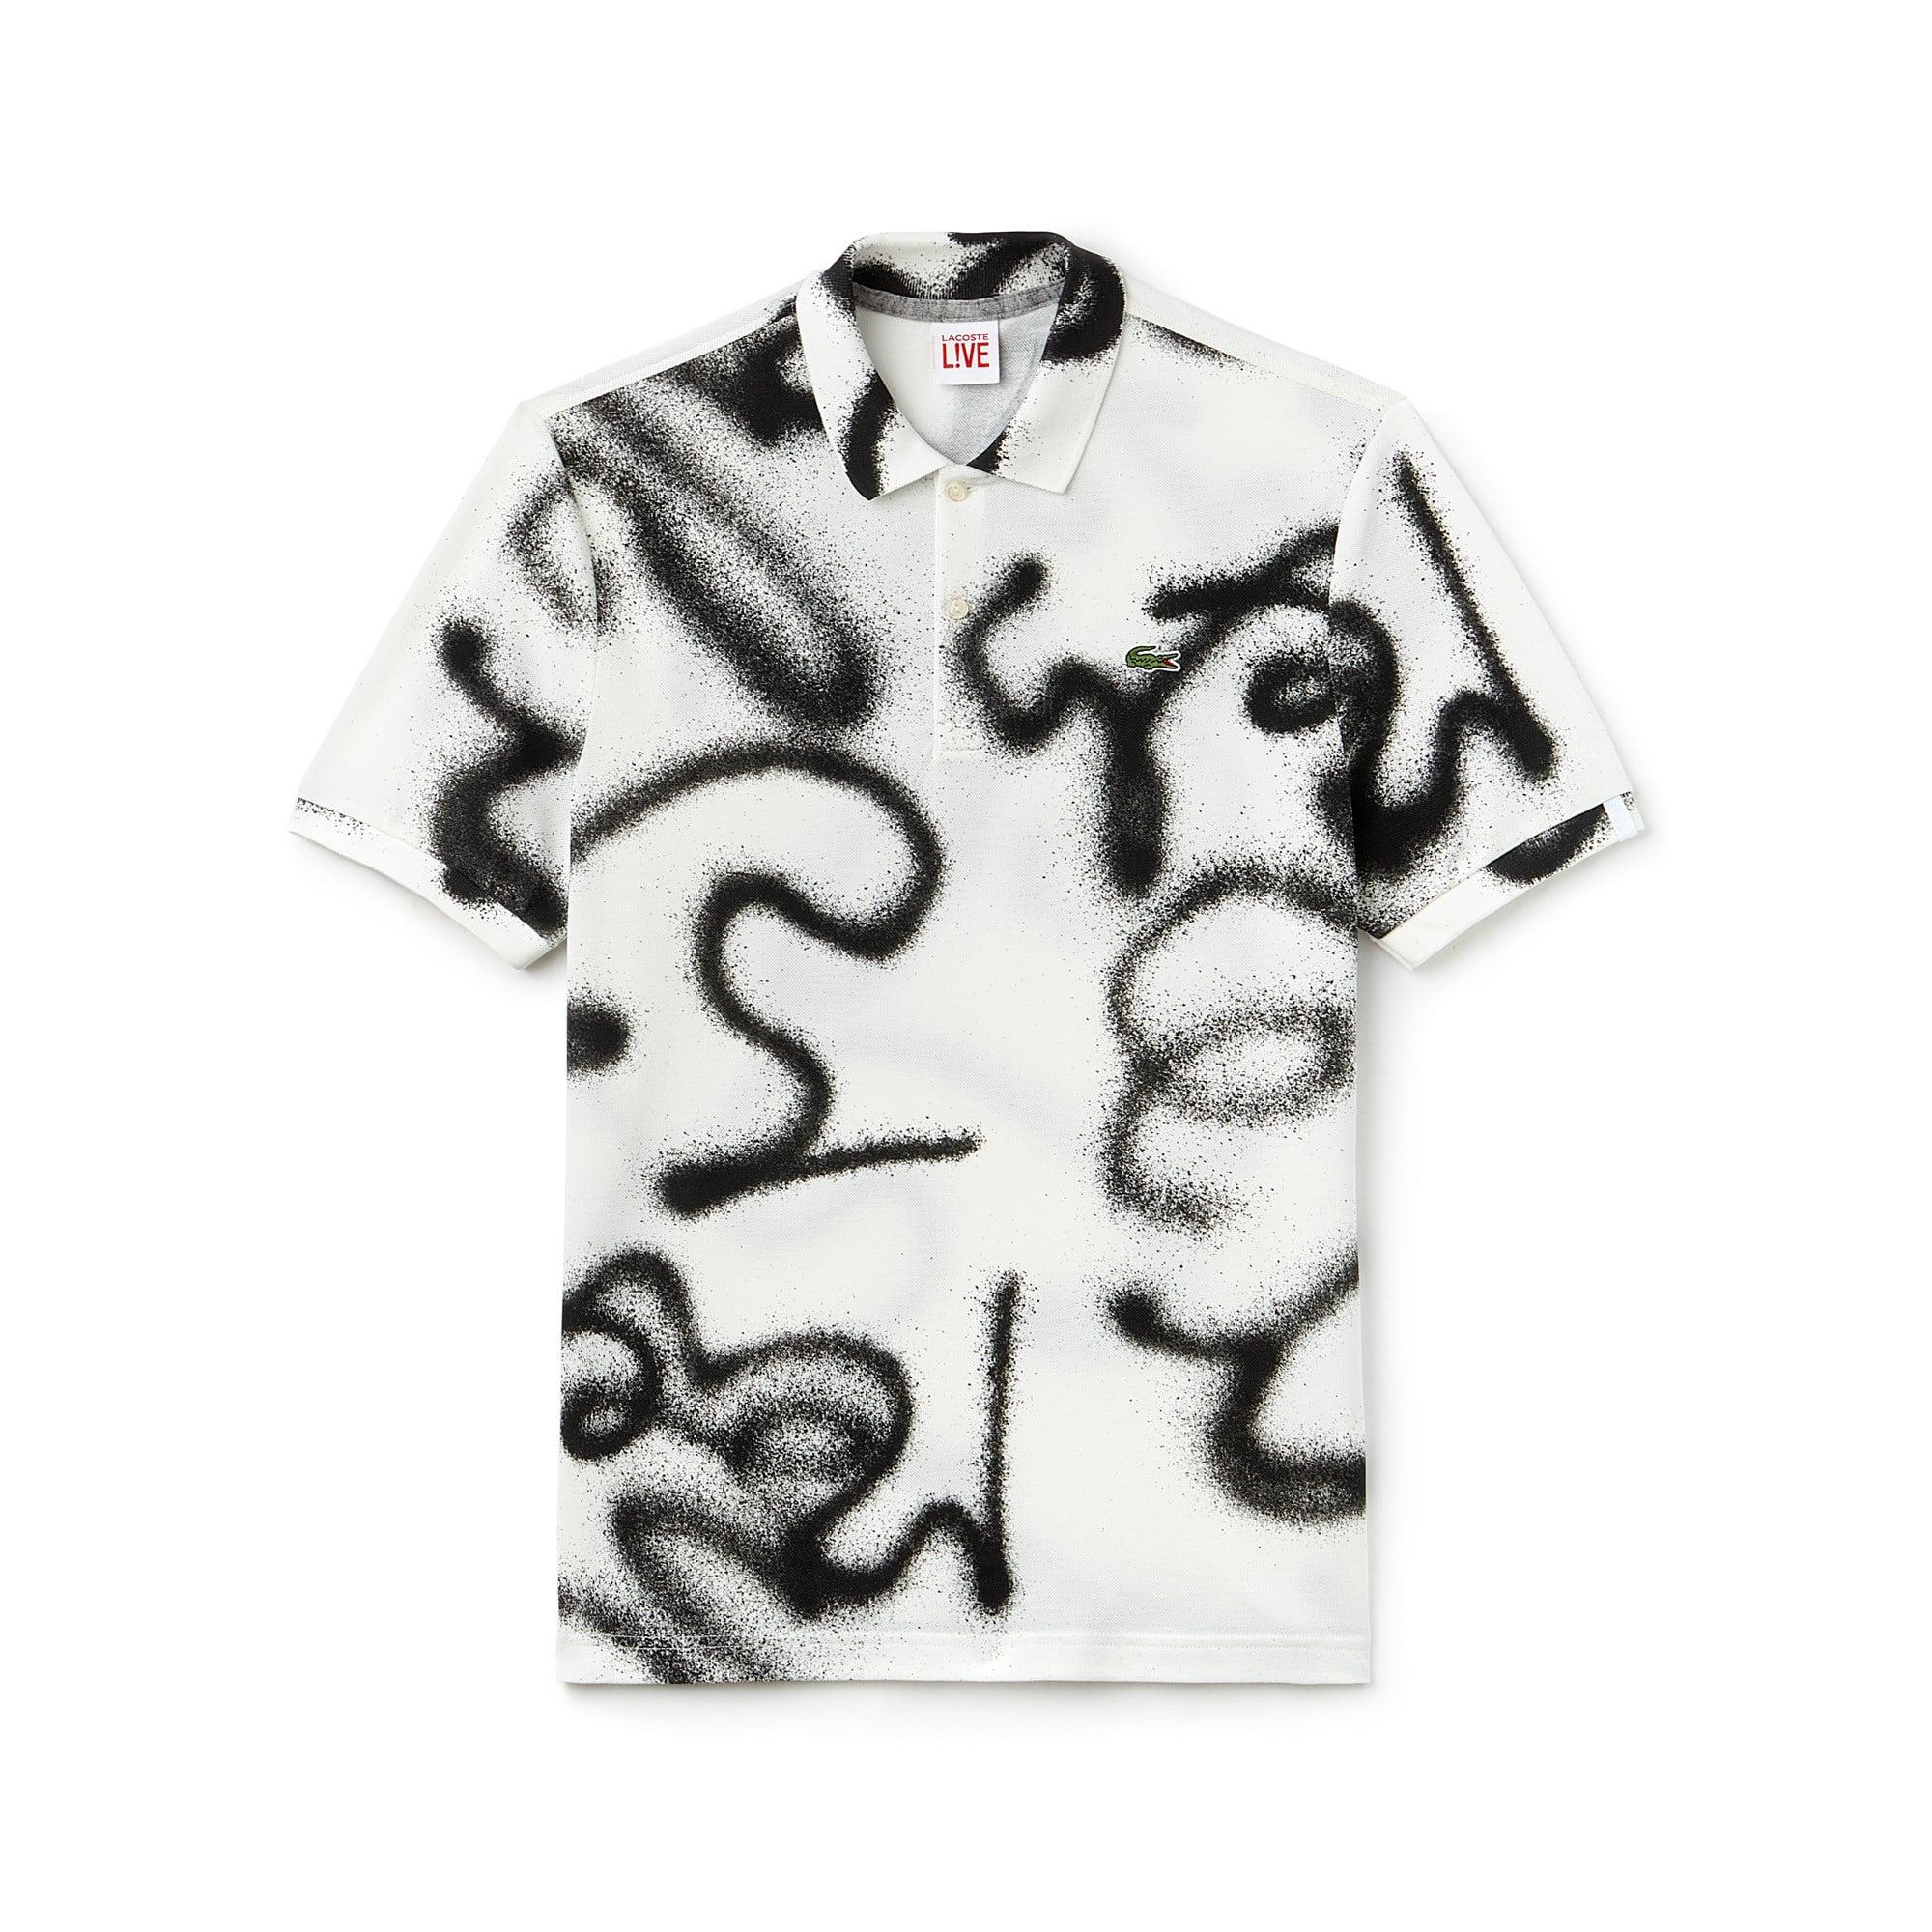 Polo regular fit Lacoste LIVE in mini piqué con stampa graffiti